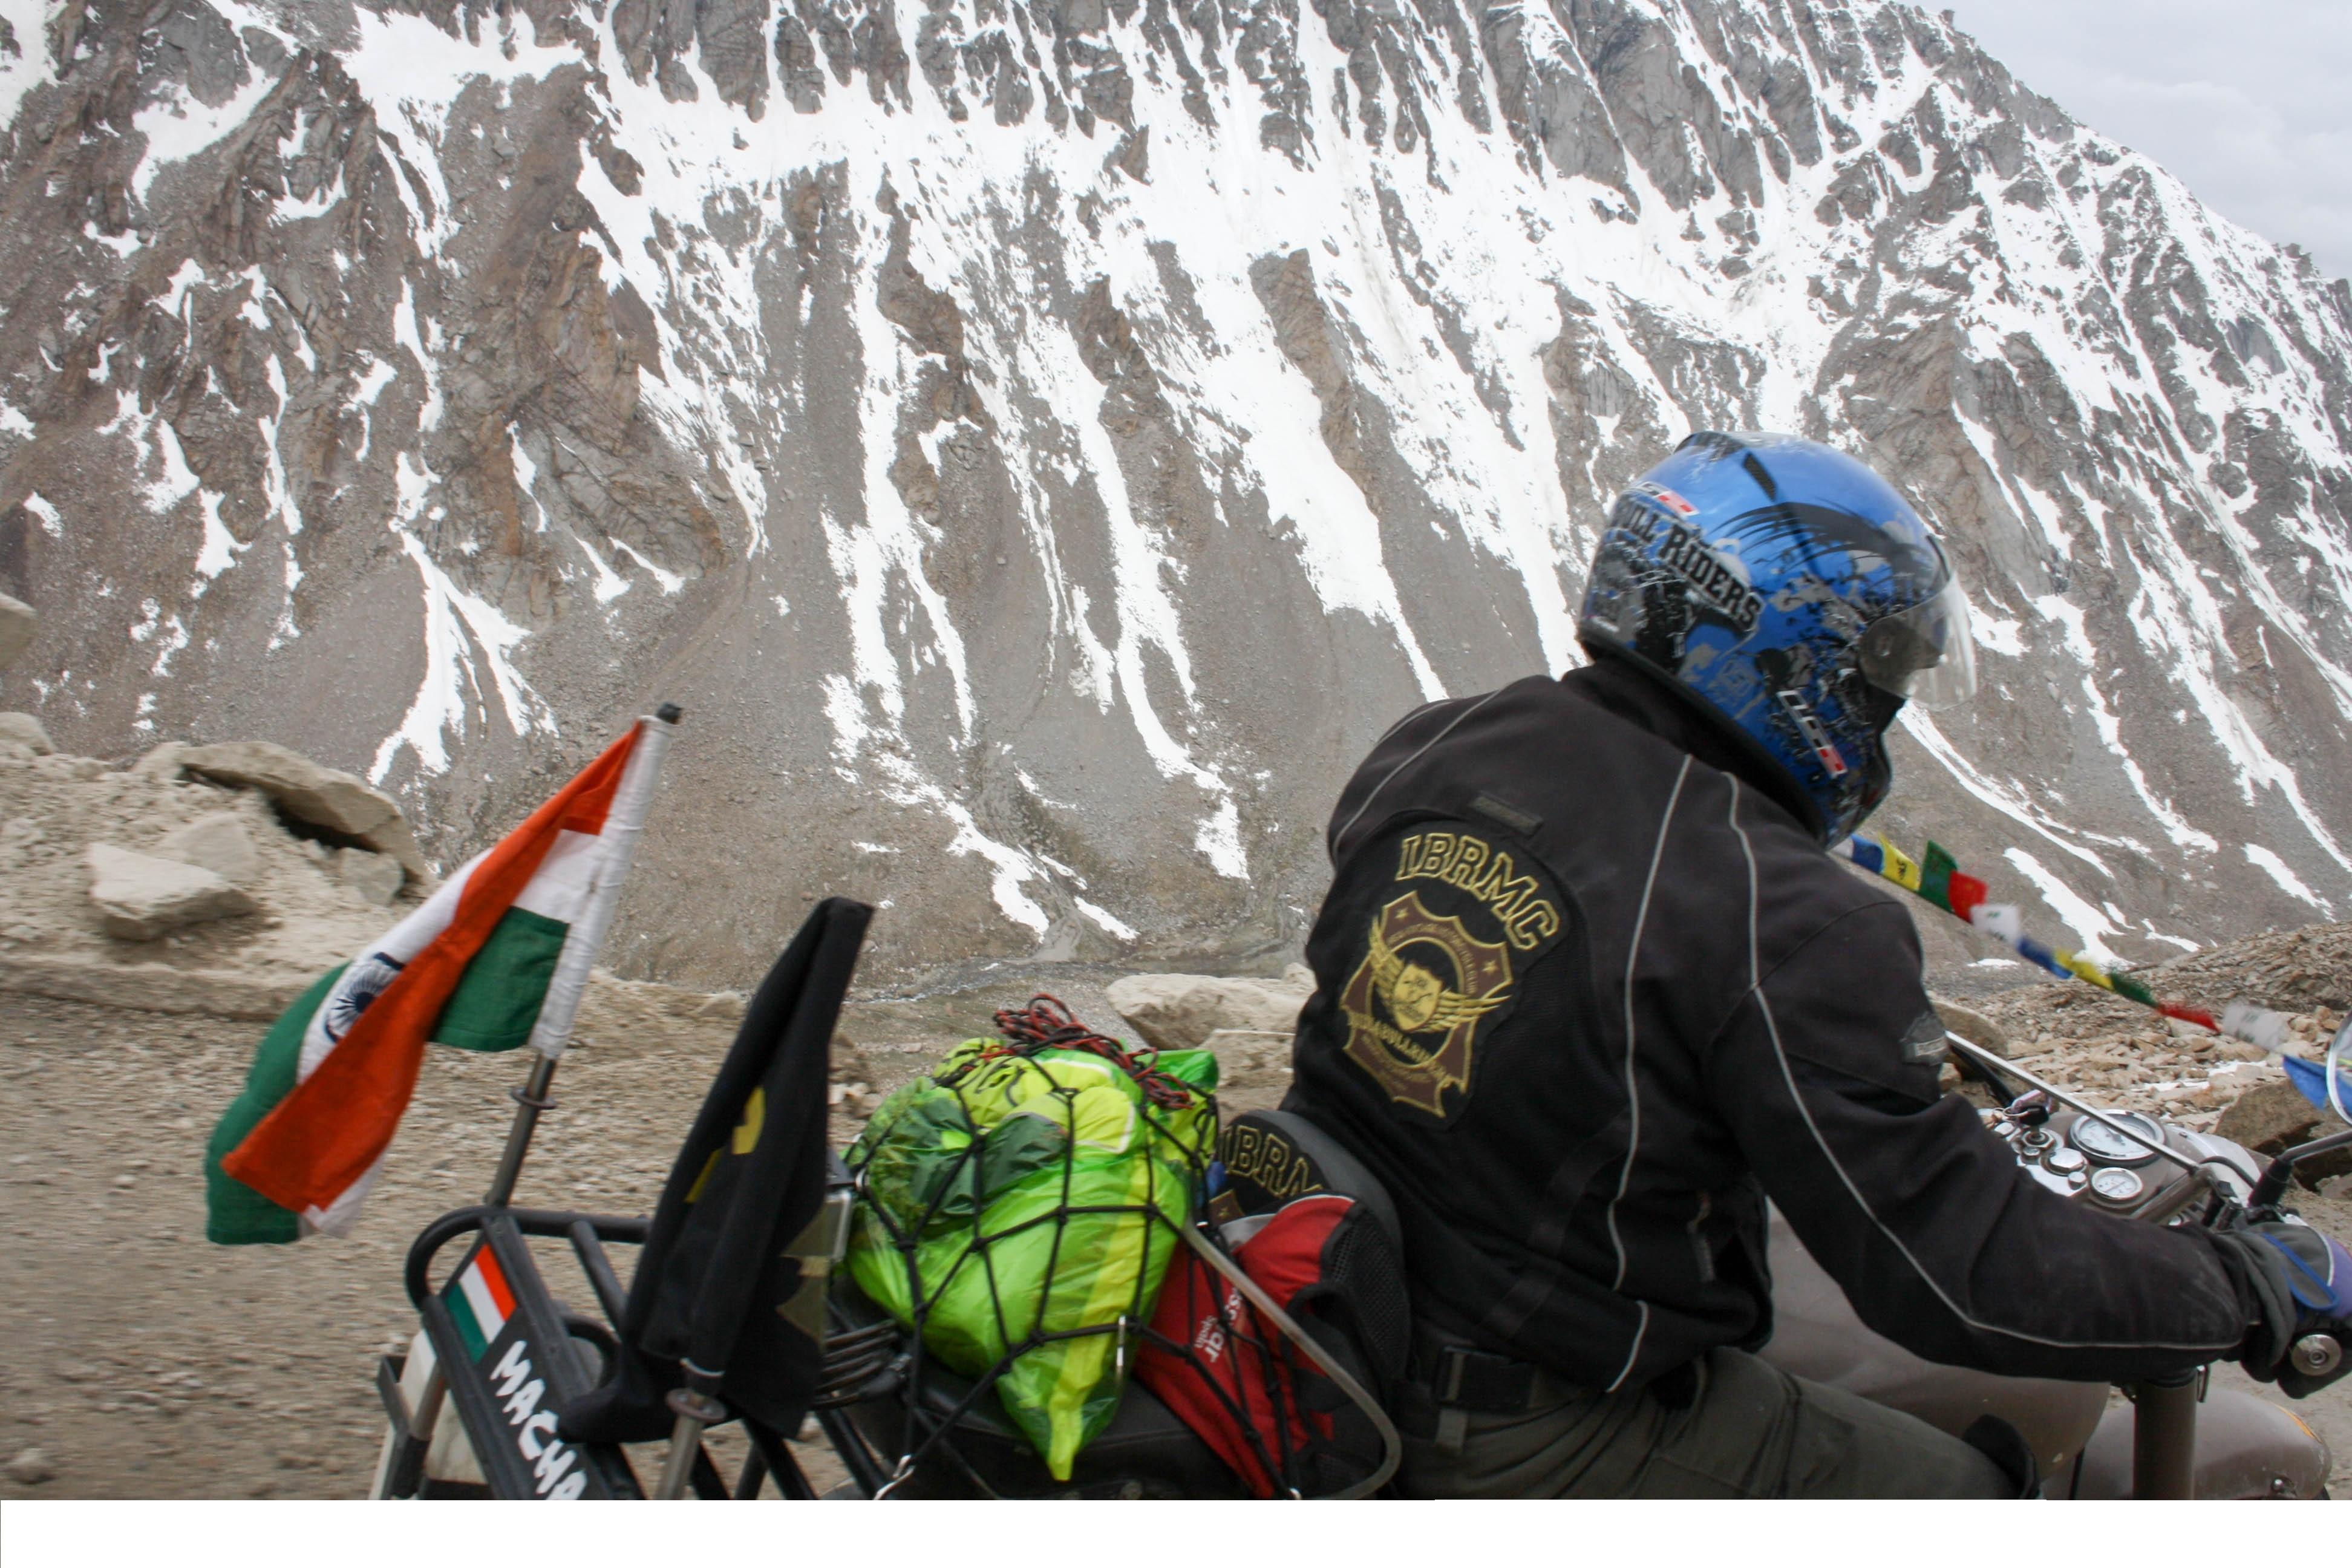 bike ladakh